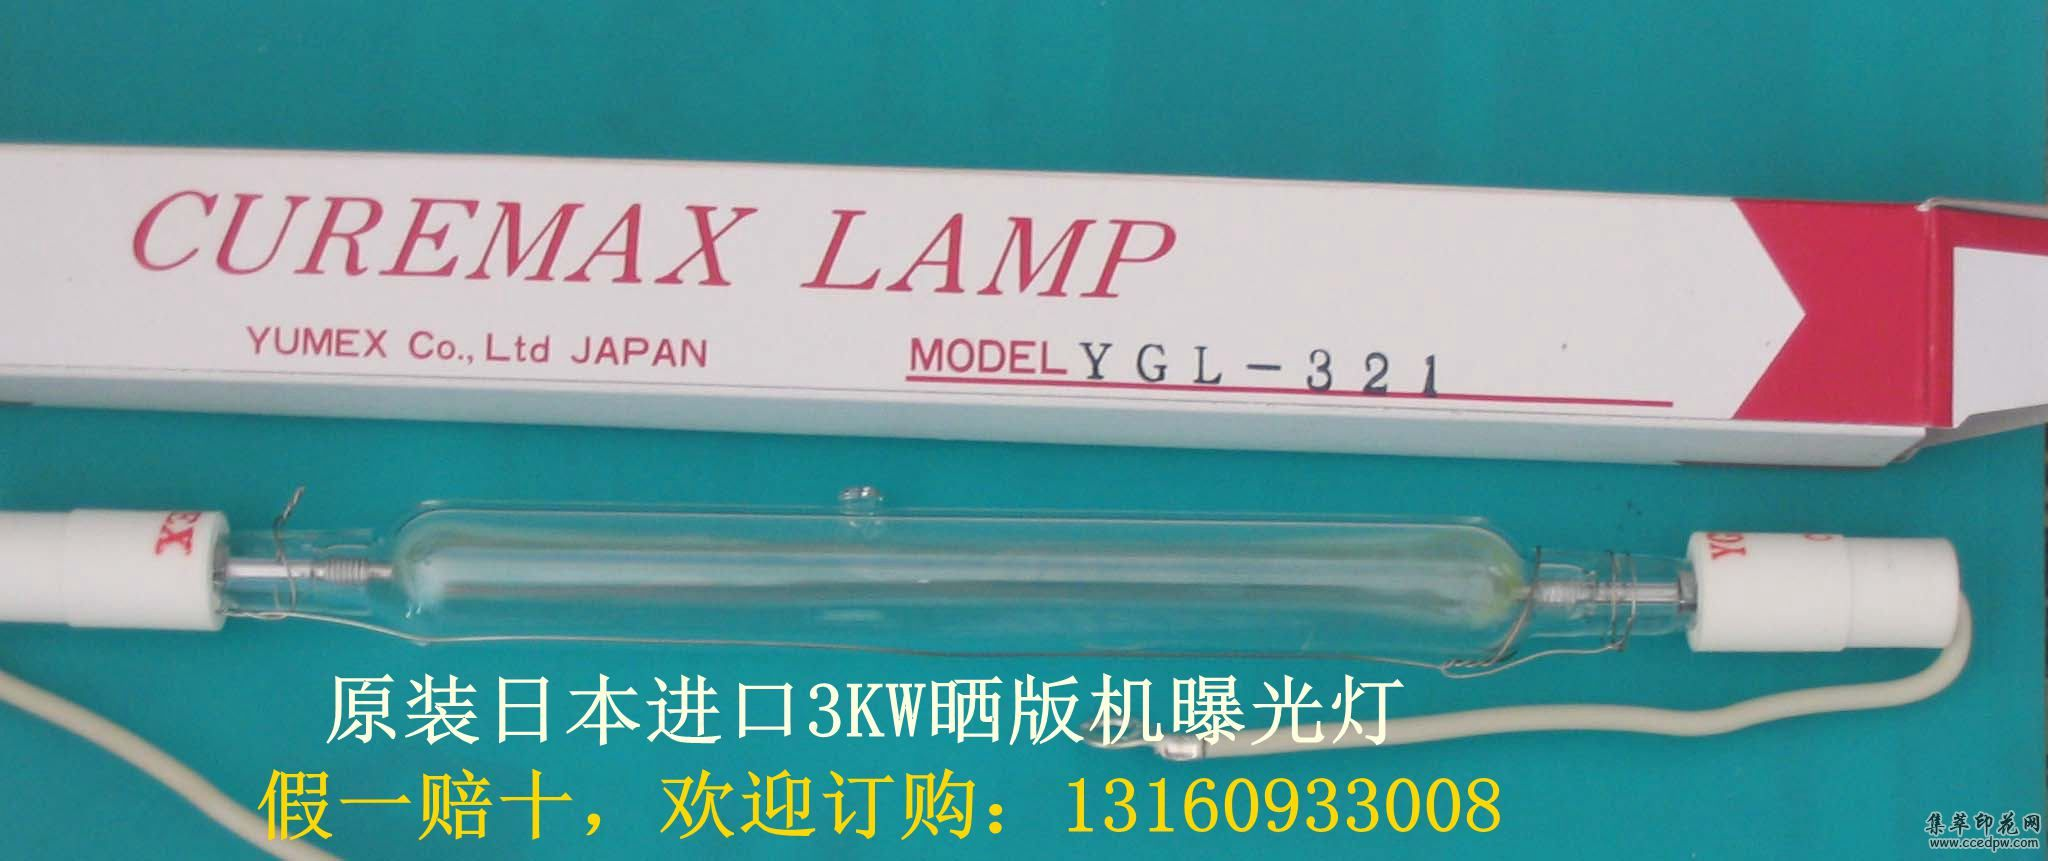 YGL-321,晒版灯,3KW日本晒版灯